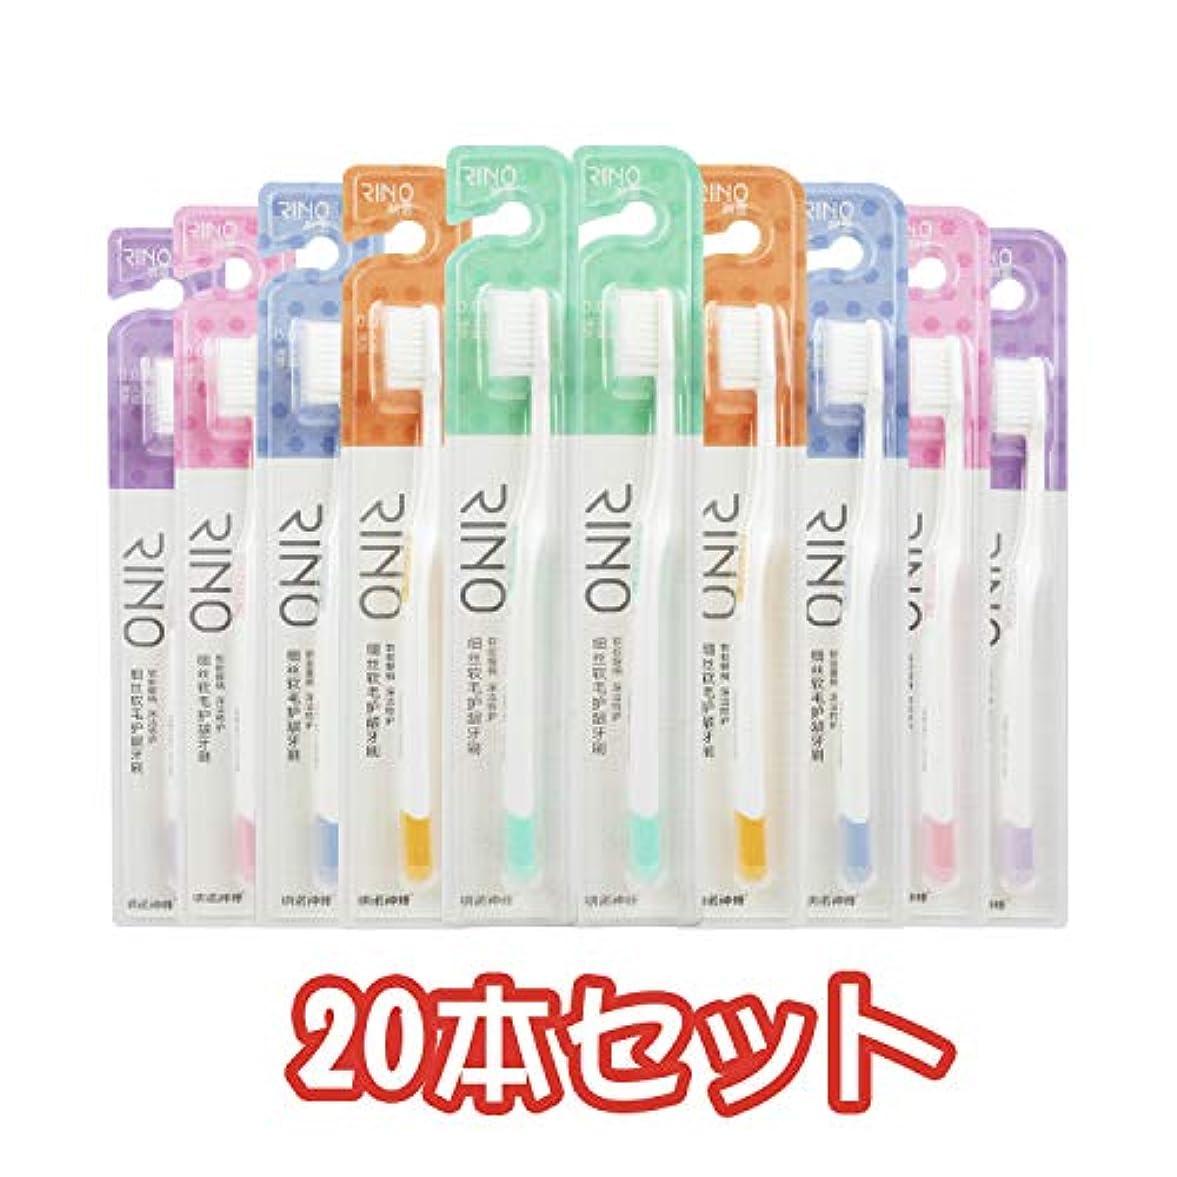 聖人ステープルホイッスルNano 20本セット やわらかい 歯ブラシ 大人用 耐久性 旅行用 子供 卸売価格 安い歯ブラシ